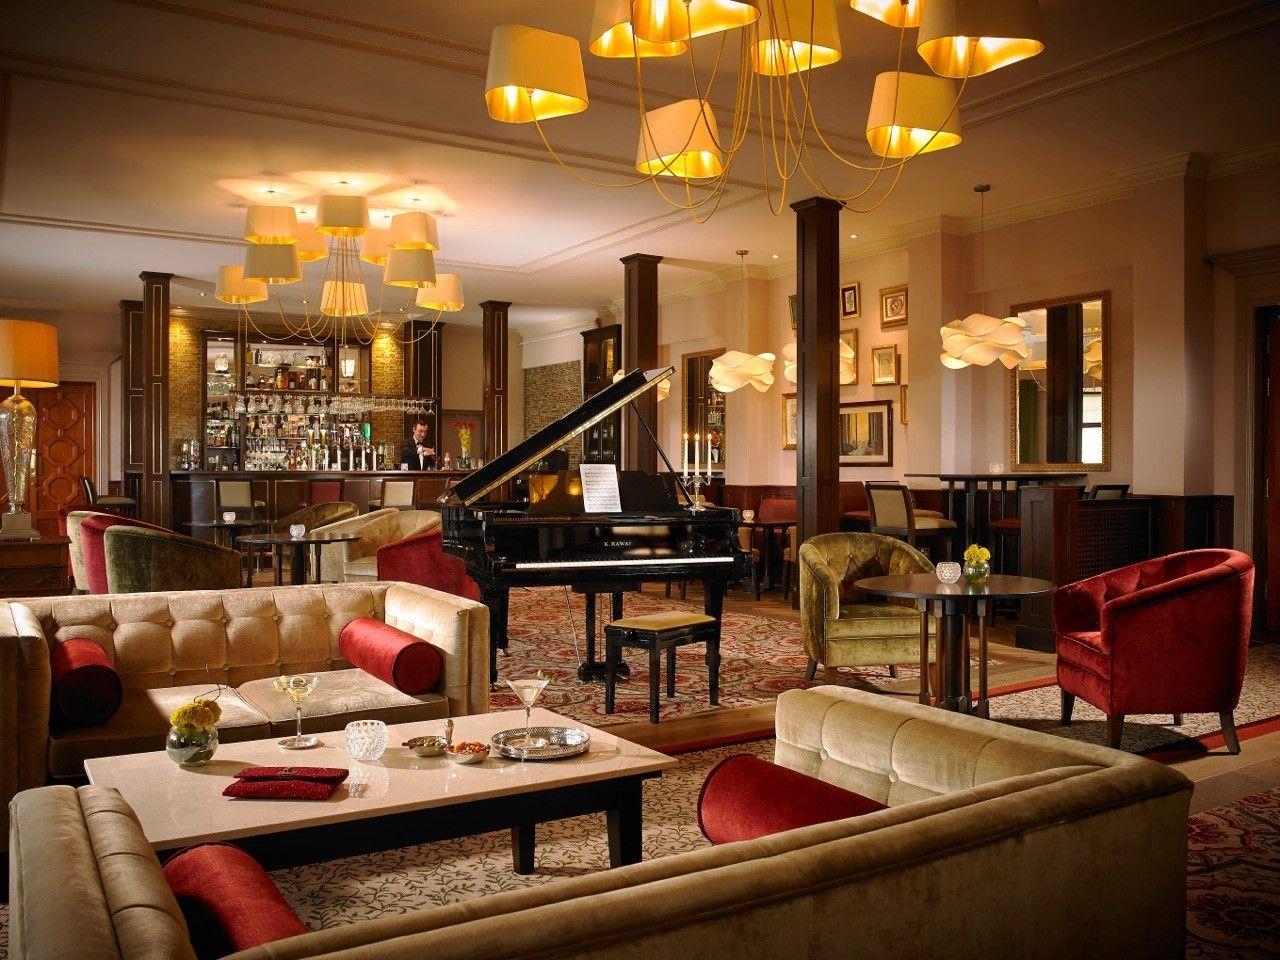 Brehon_bar_at_knockranny_house_hotel